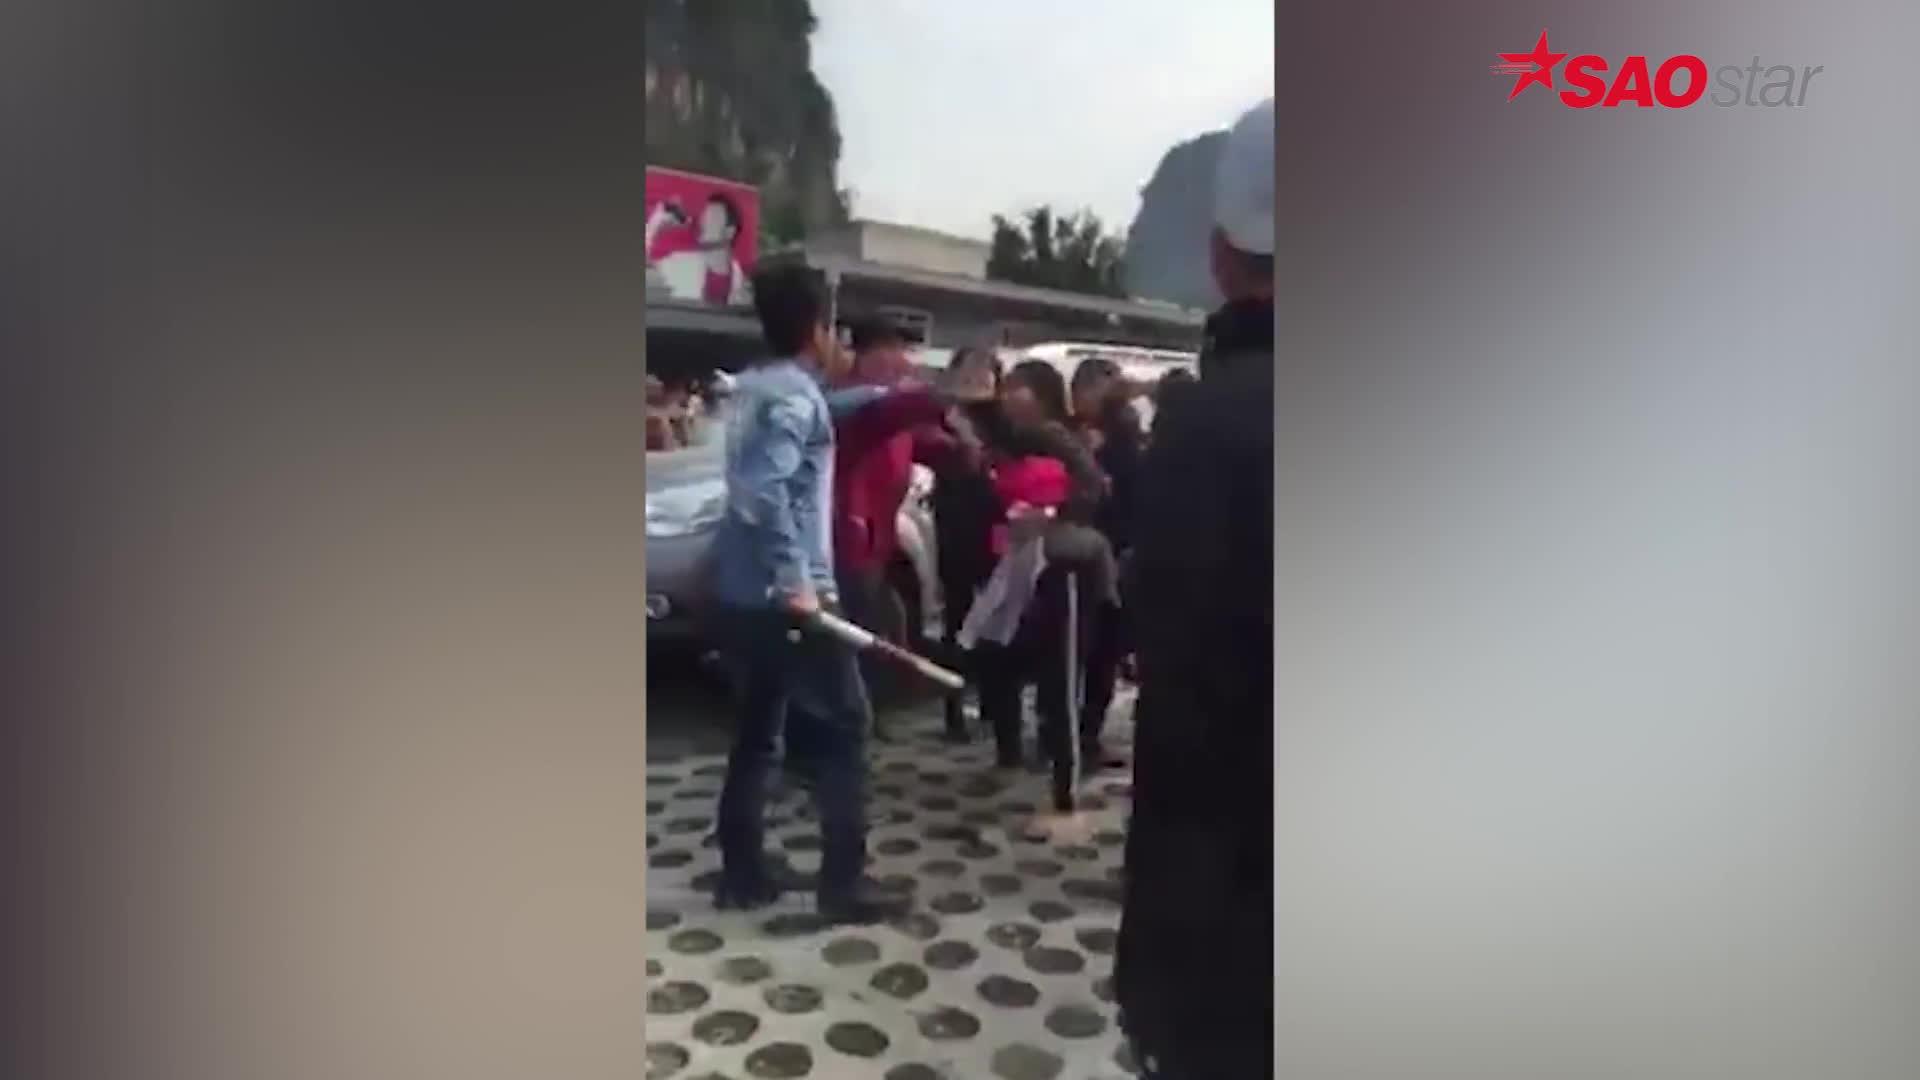 Mâu thuẫn với bảo vệ bãi xe Tràng An, mẹ bế con cầm dép cân 3 thanh niên mang gậy ảnh 0